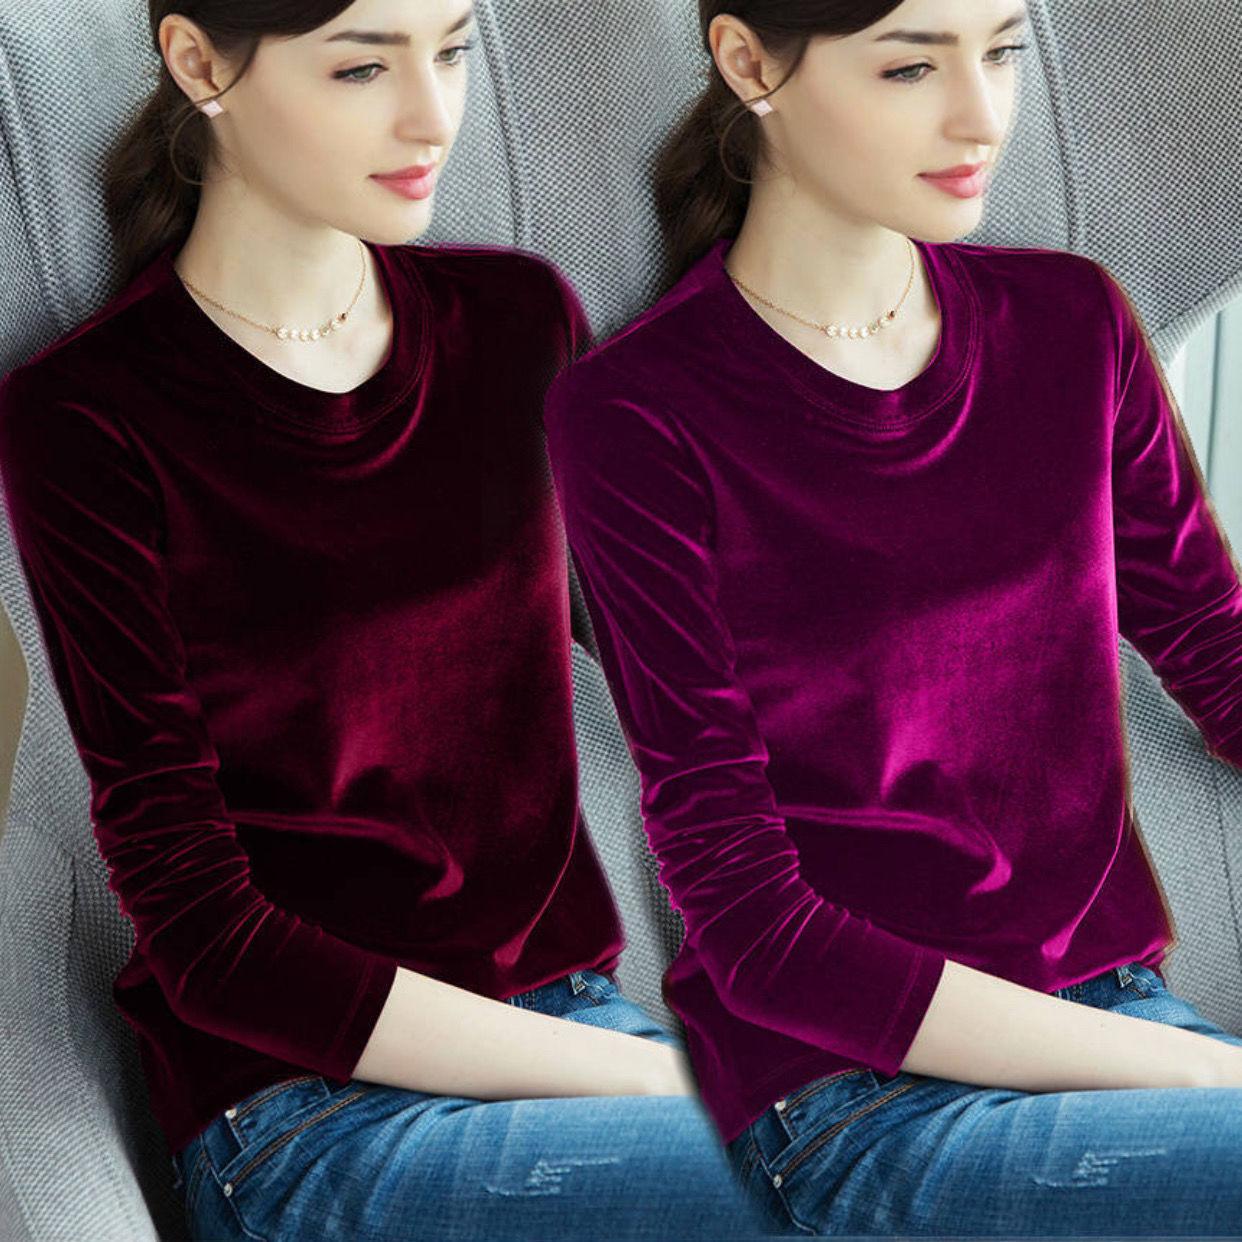 ファッショントレンドTシャツ女性長袖2020新型秋冬保温ボトムス大サイズ女装純色トップス